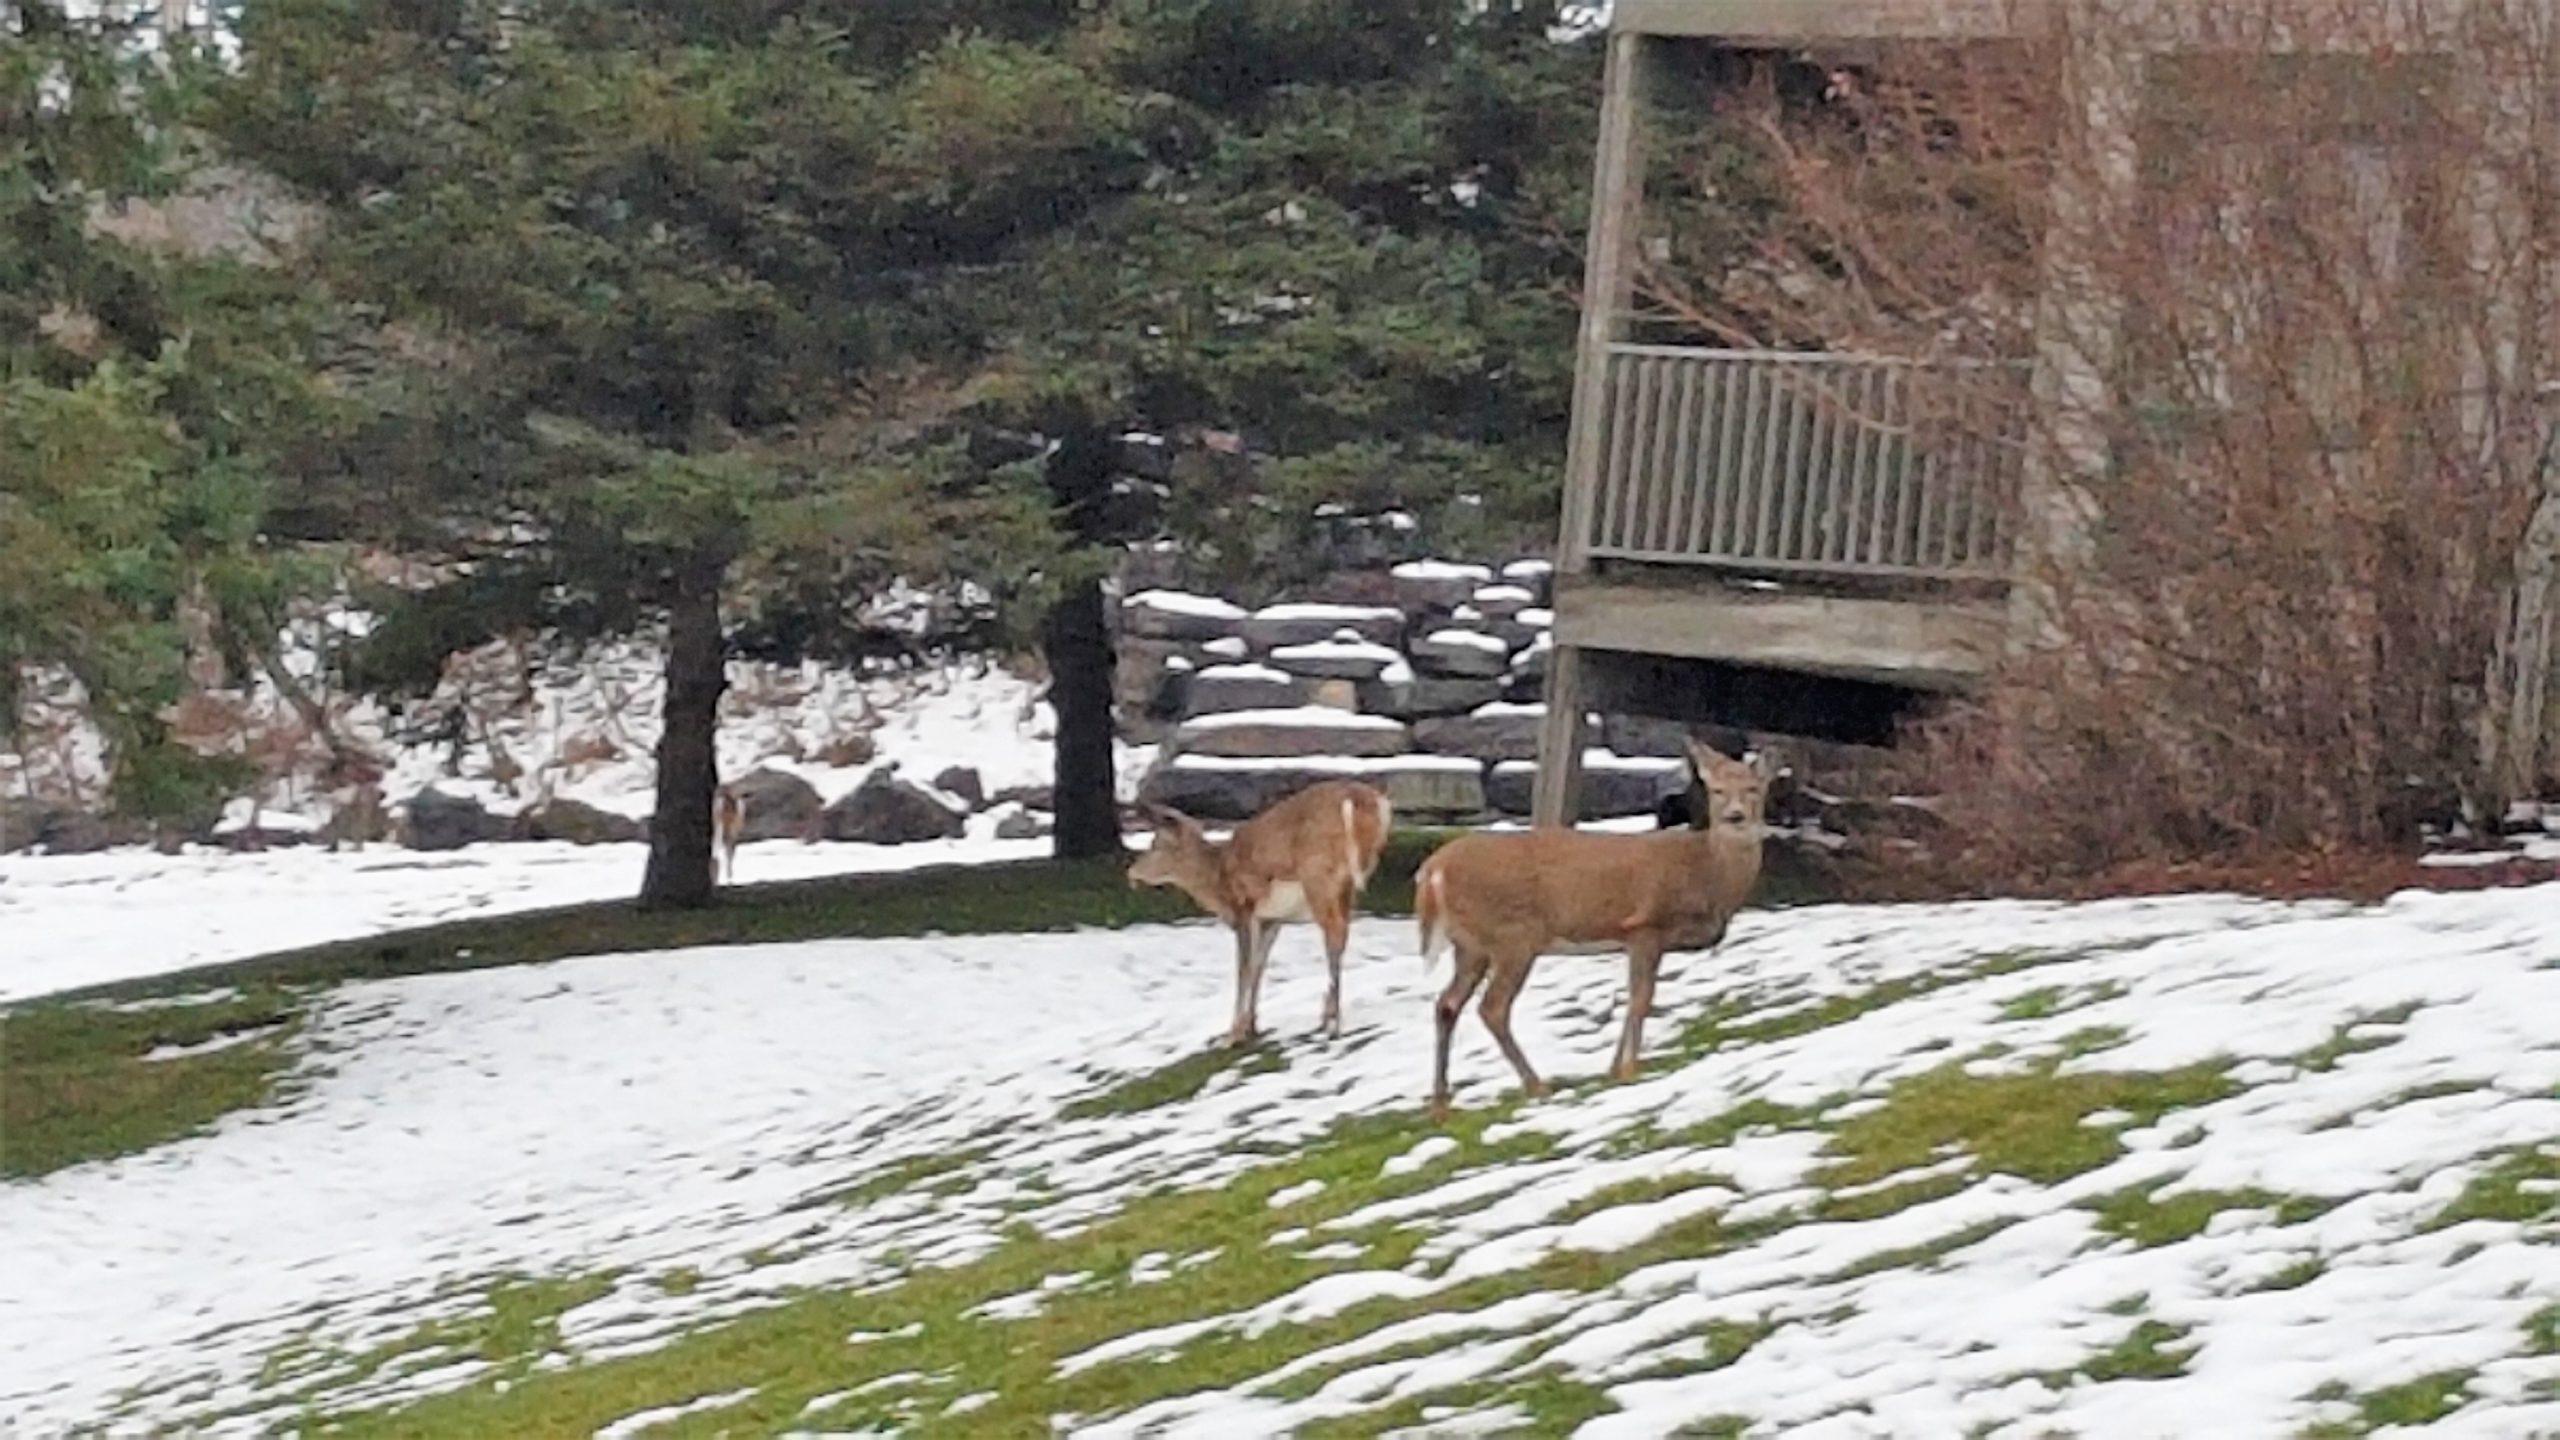 Deer Friends while exploring Deerhurst Resort, Muskoka